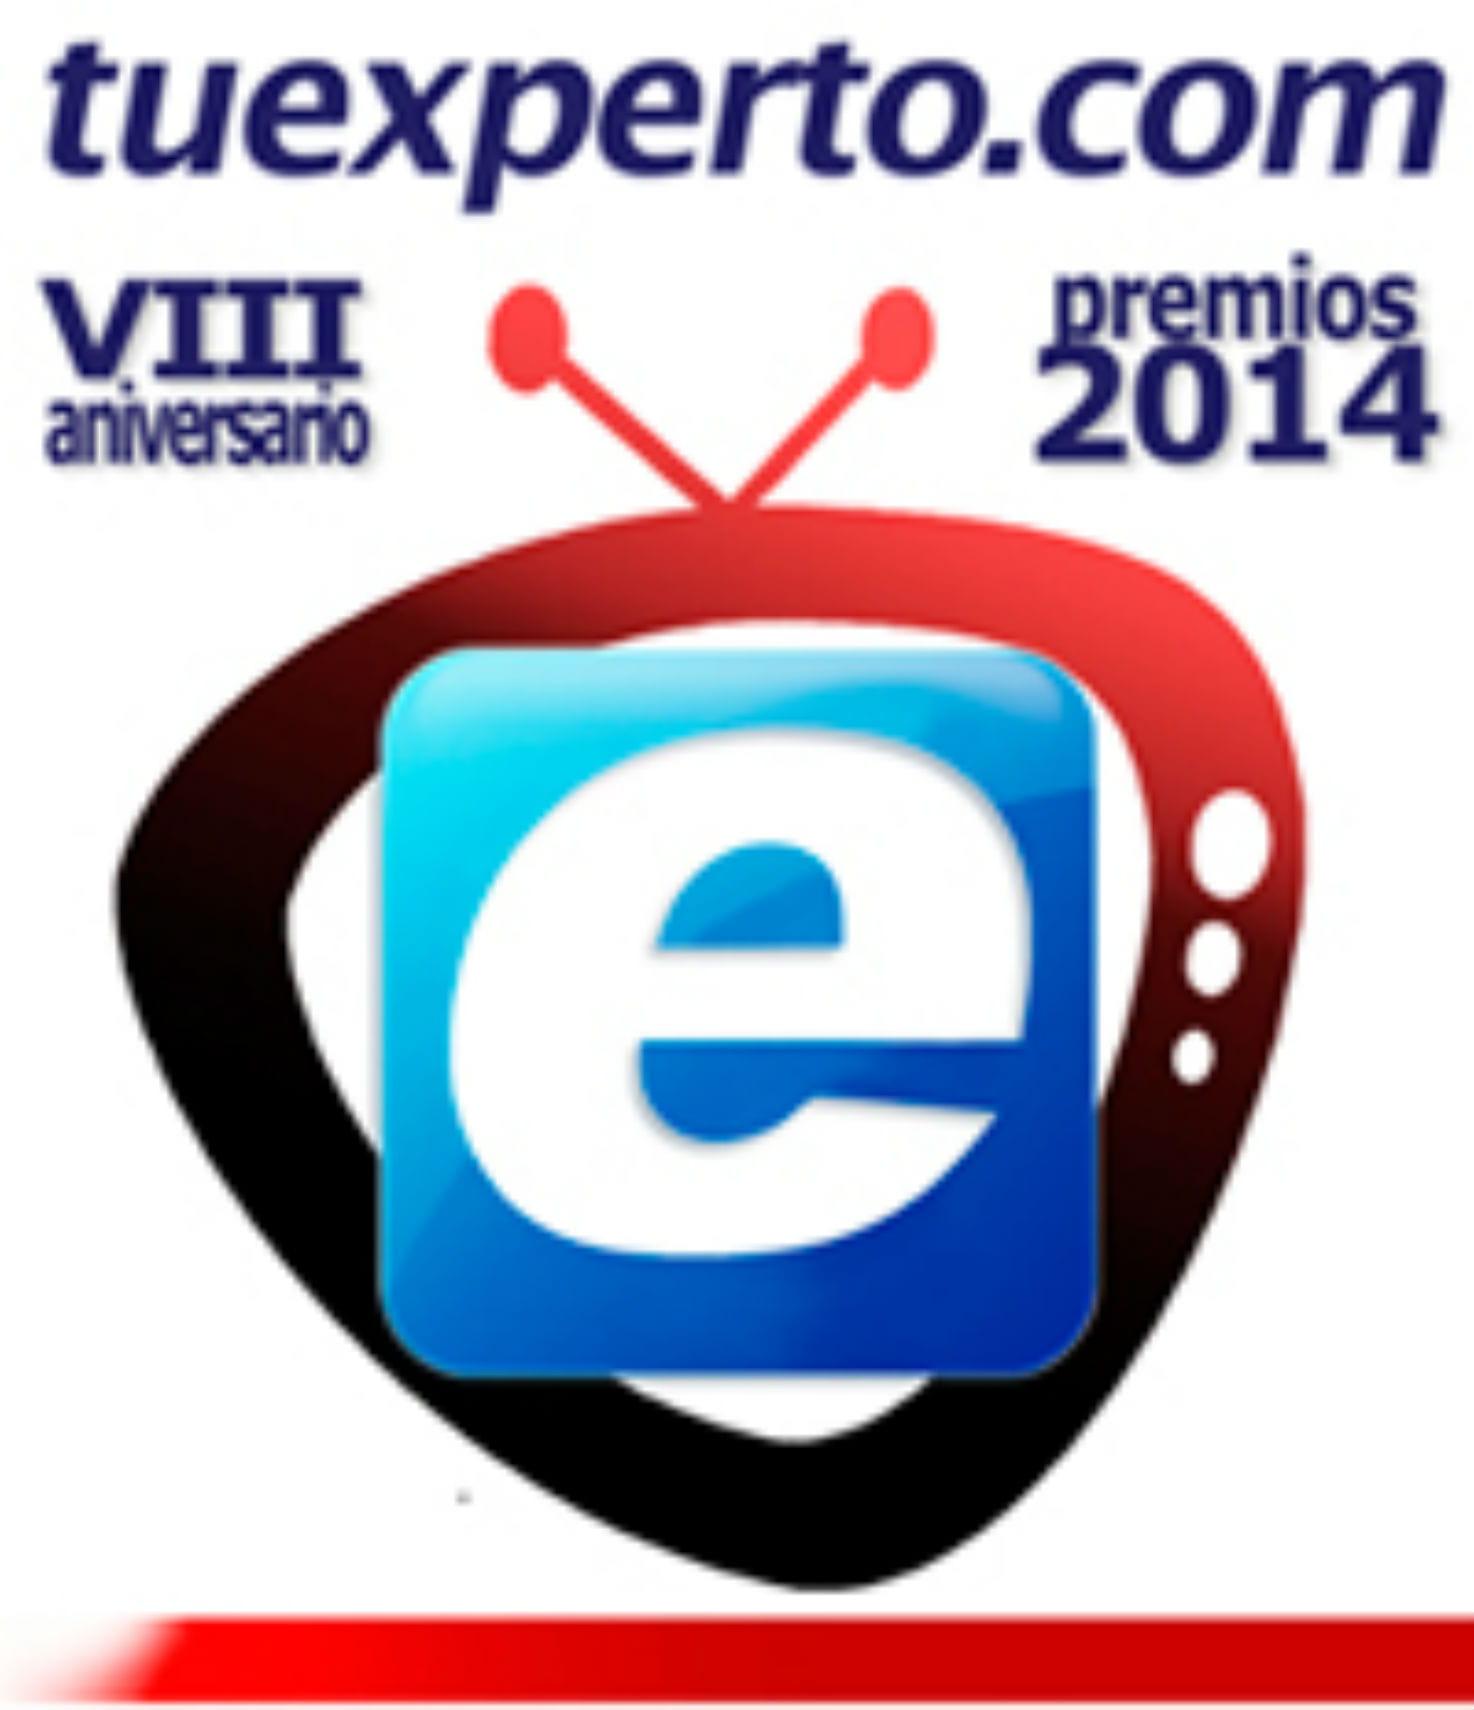 Premio tuexperto.com 2014